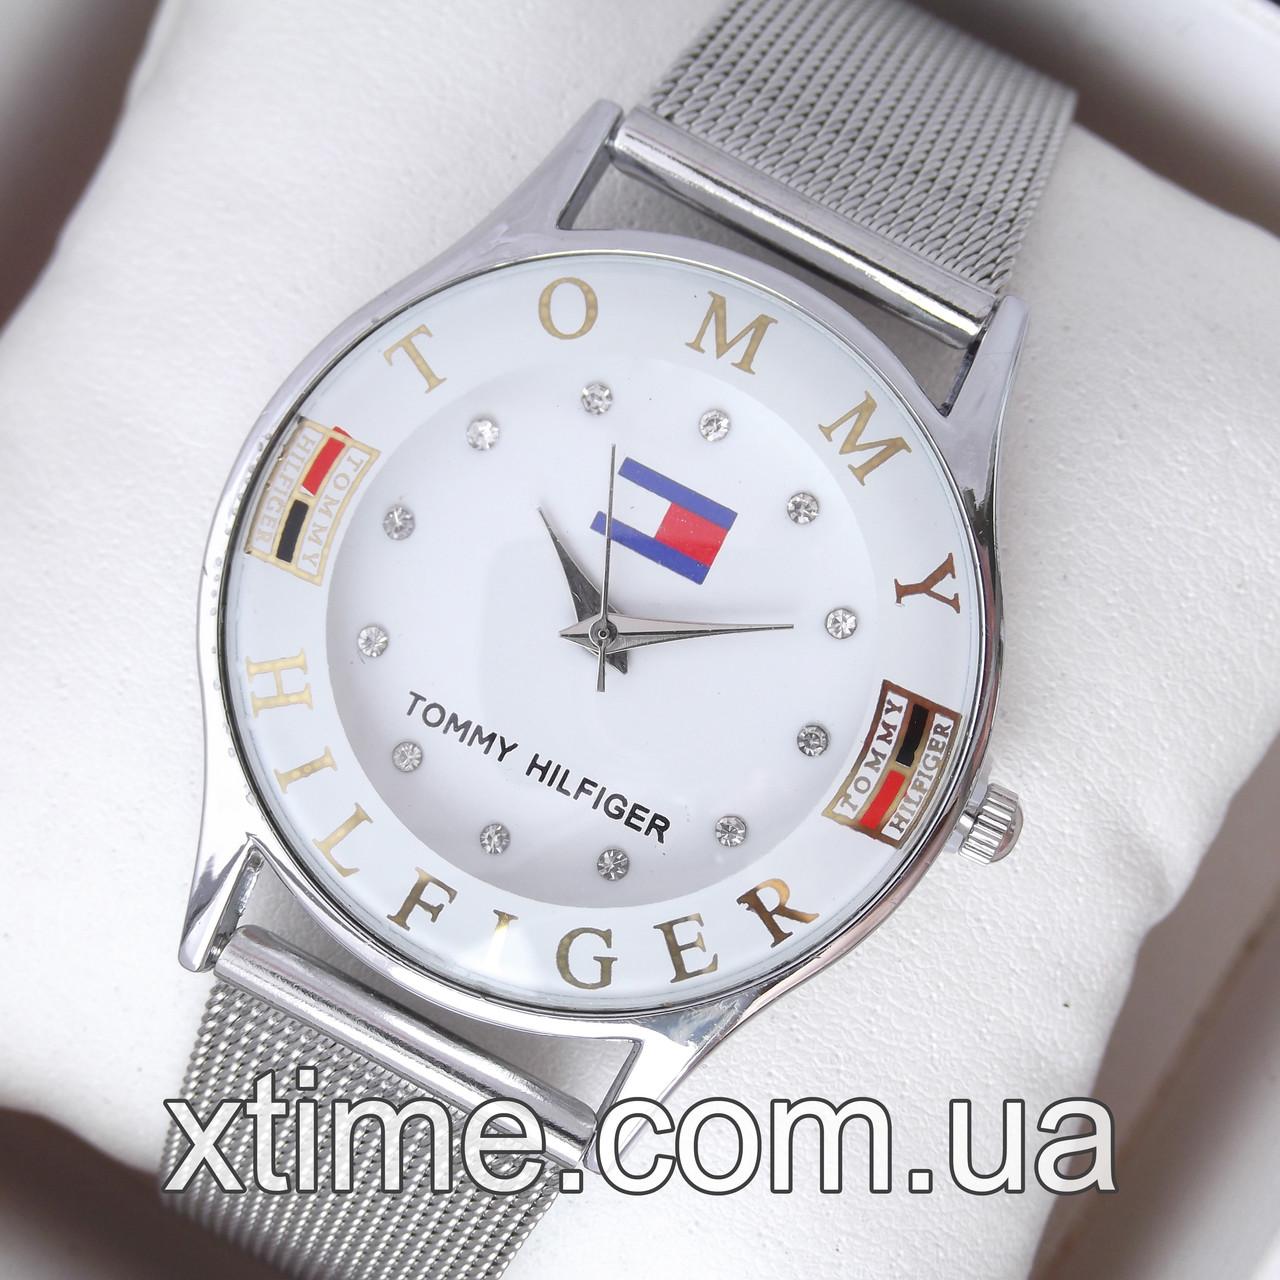 Томми хилфигер женские часы купить как выбрать часы мужские наручные брендовые